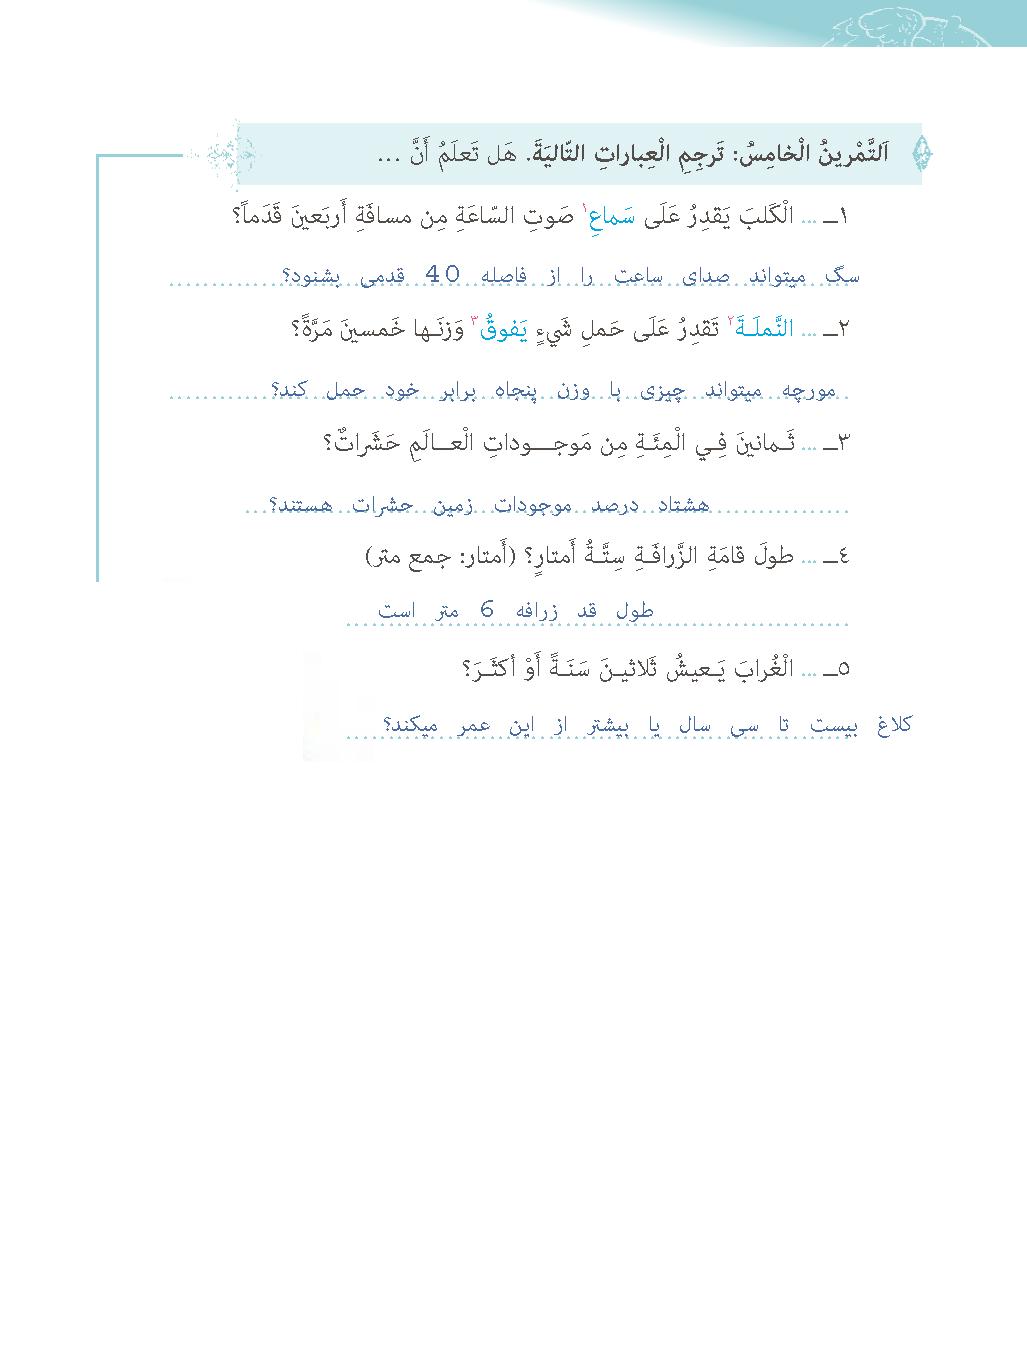 حل تمرین 5 درس دوم عربی دهم انسانی